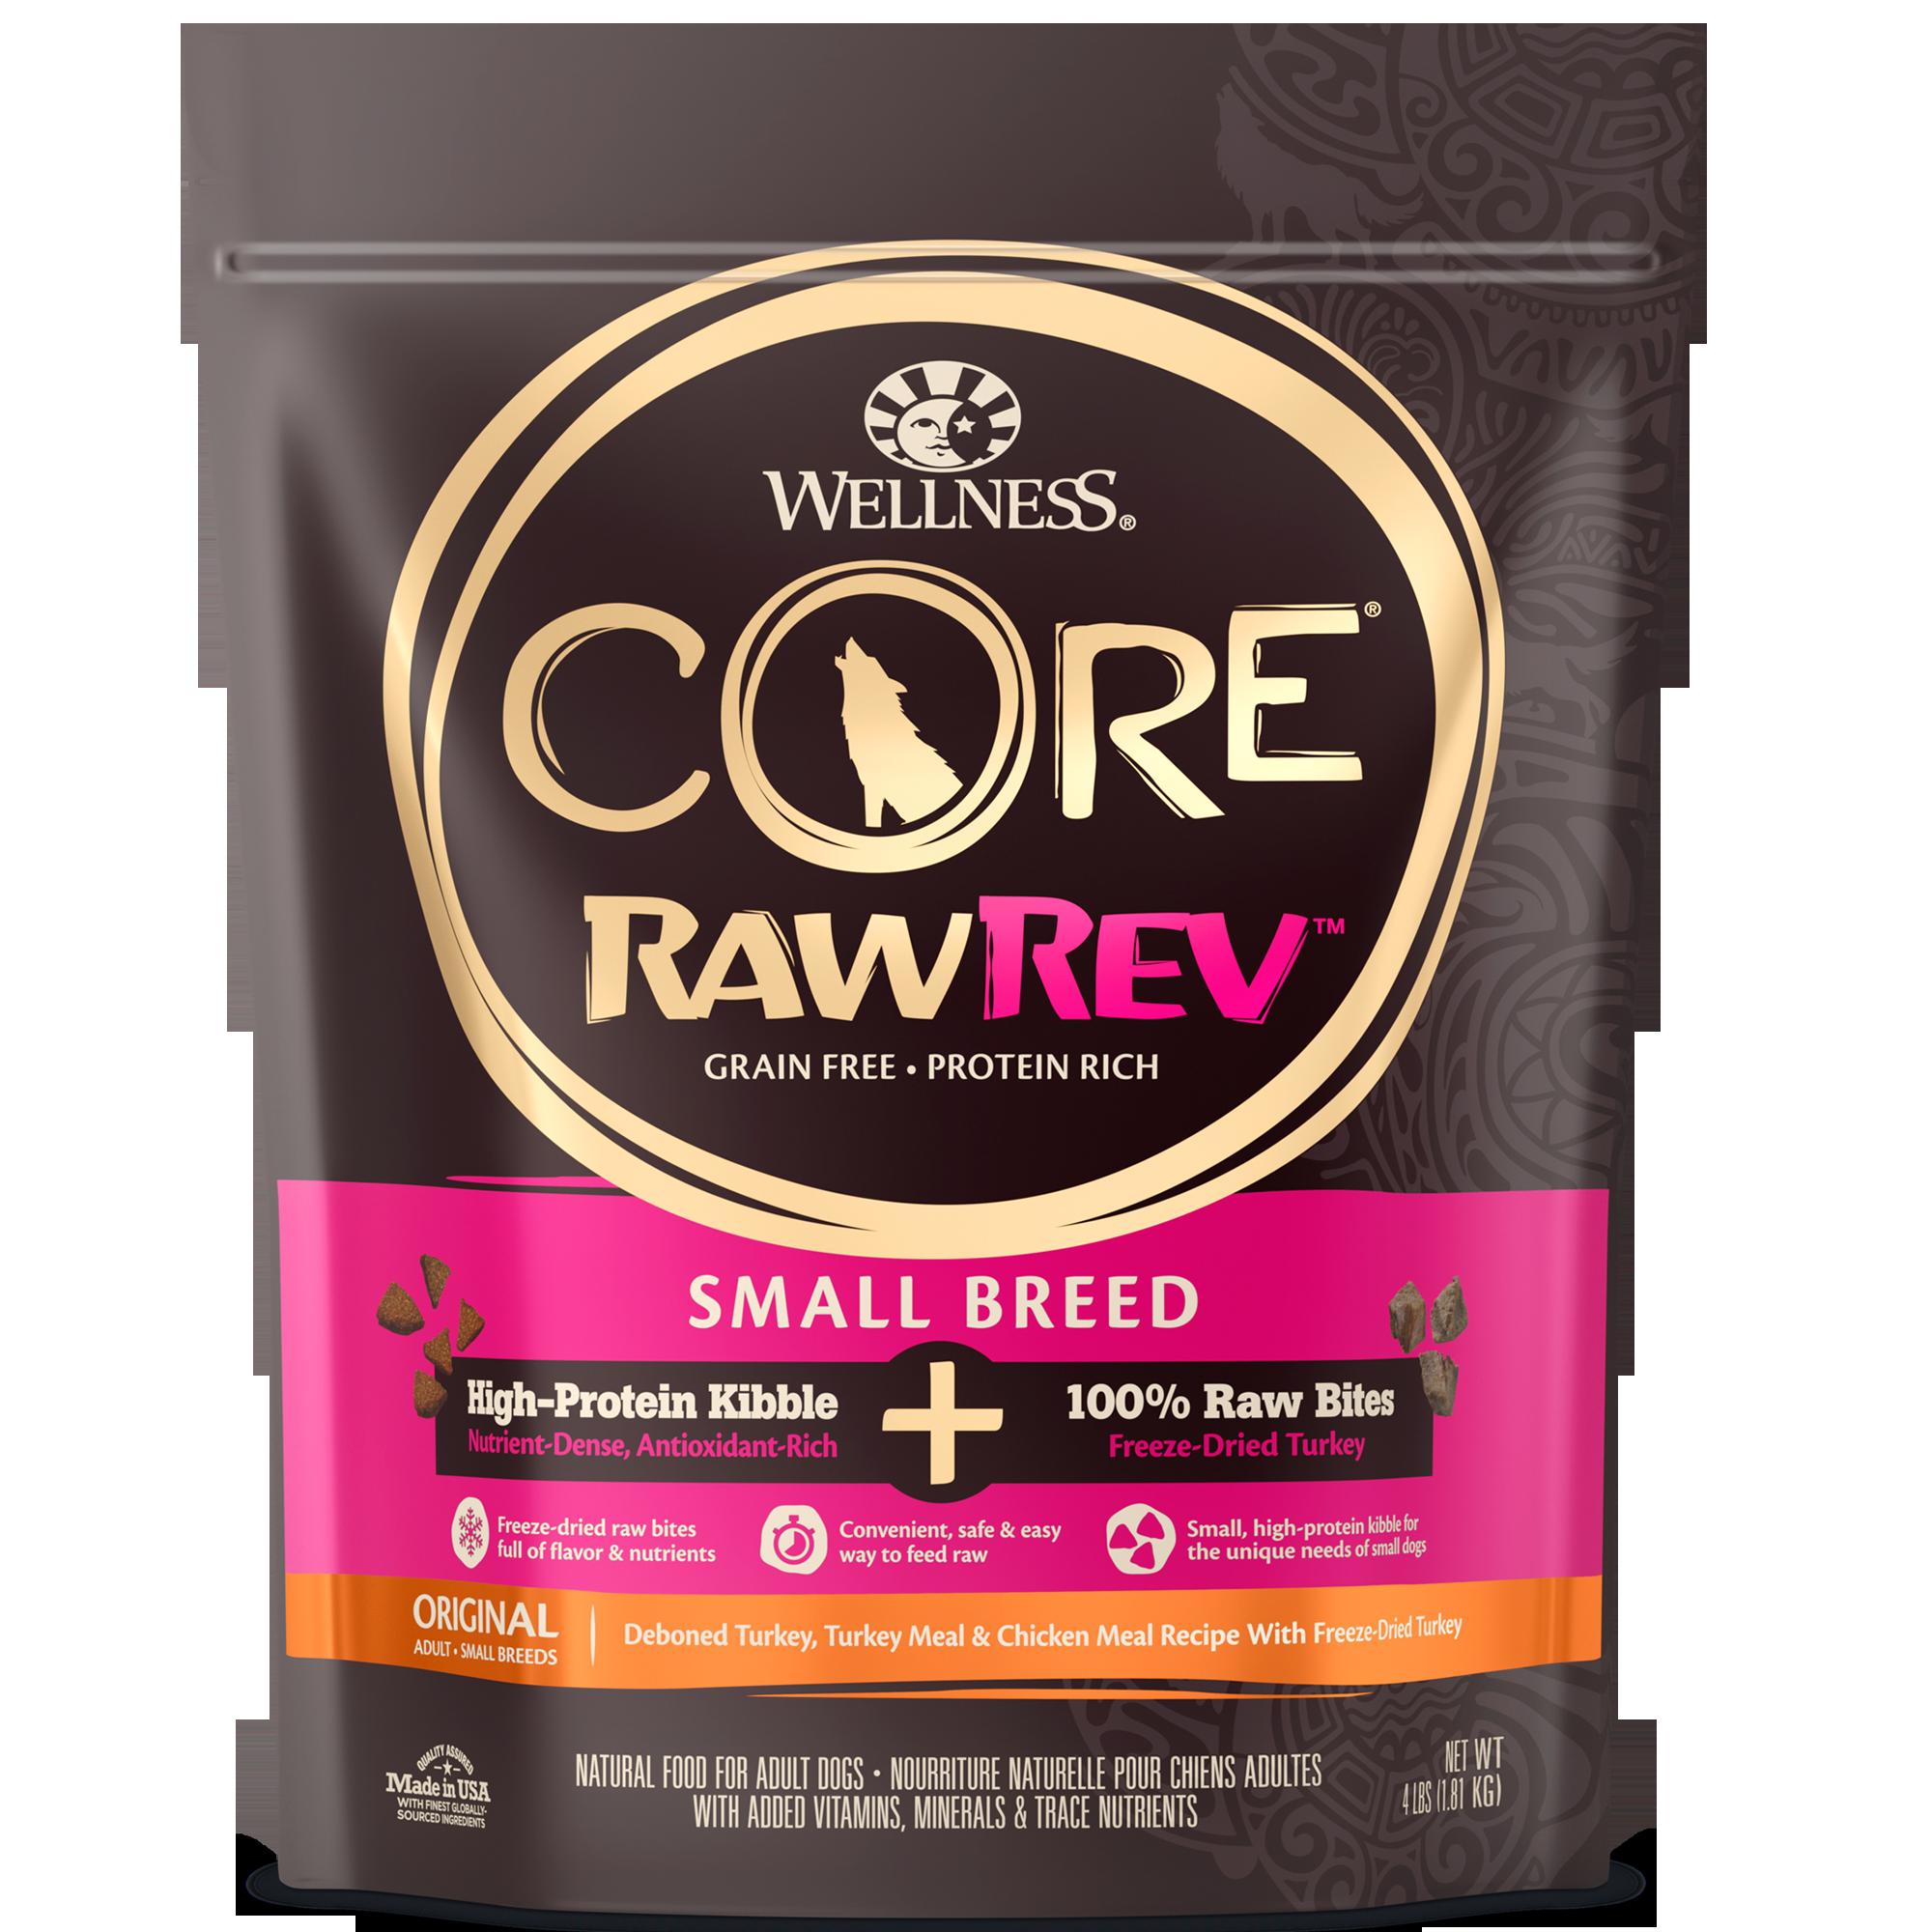 Core Rawrev Small Breed Small Breed 100 Raw Turkey